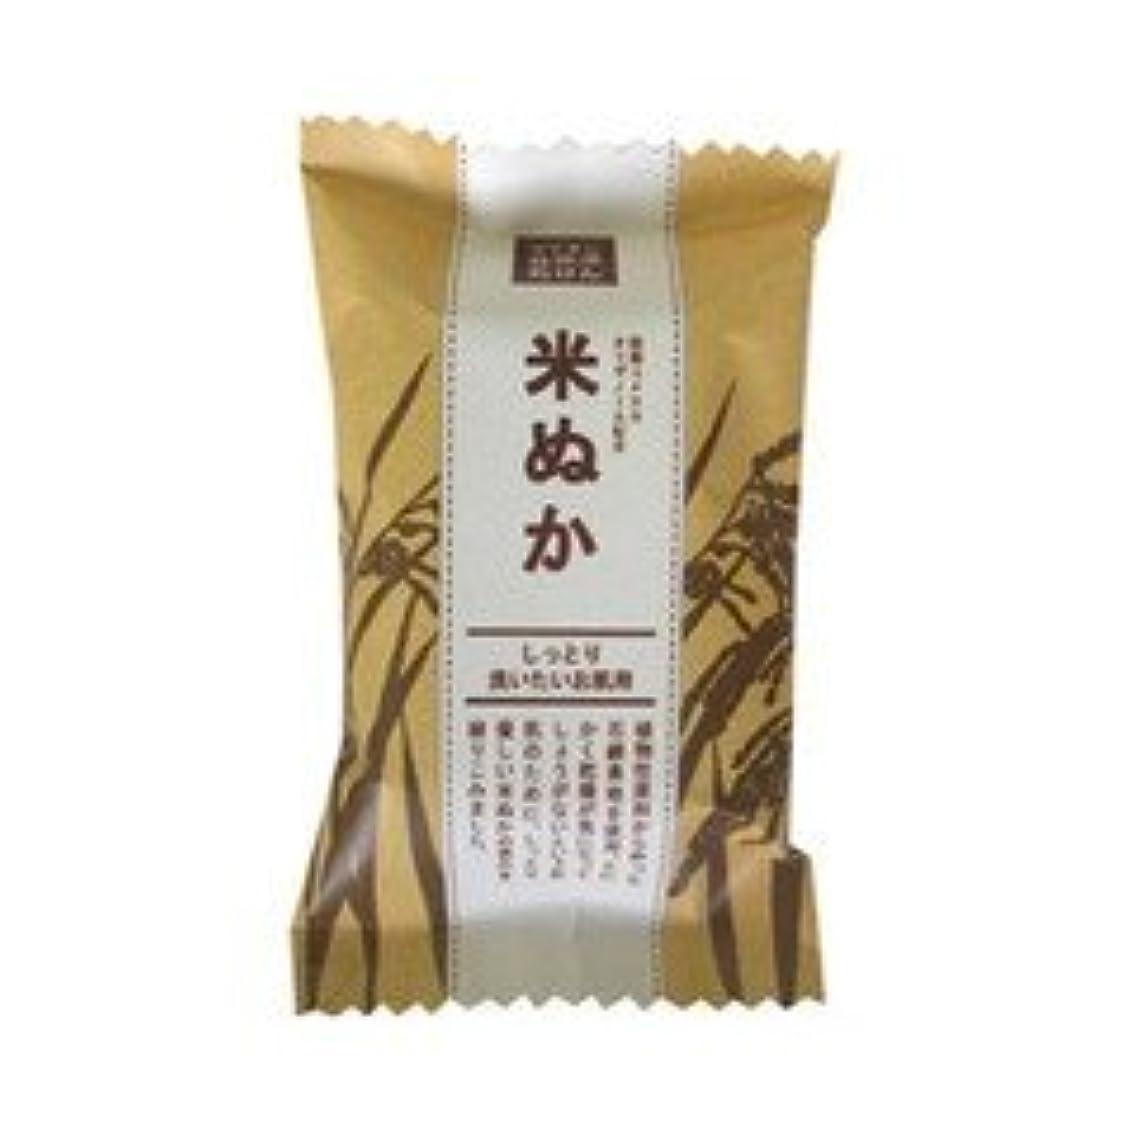 実験室複雑不毛ペリカン石鹸 ペリカン自然派石けん米ぬか